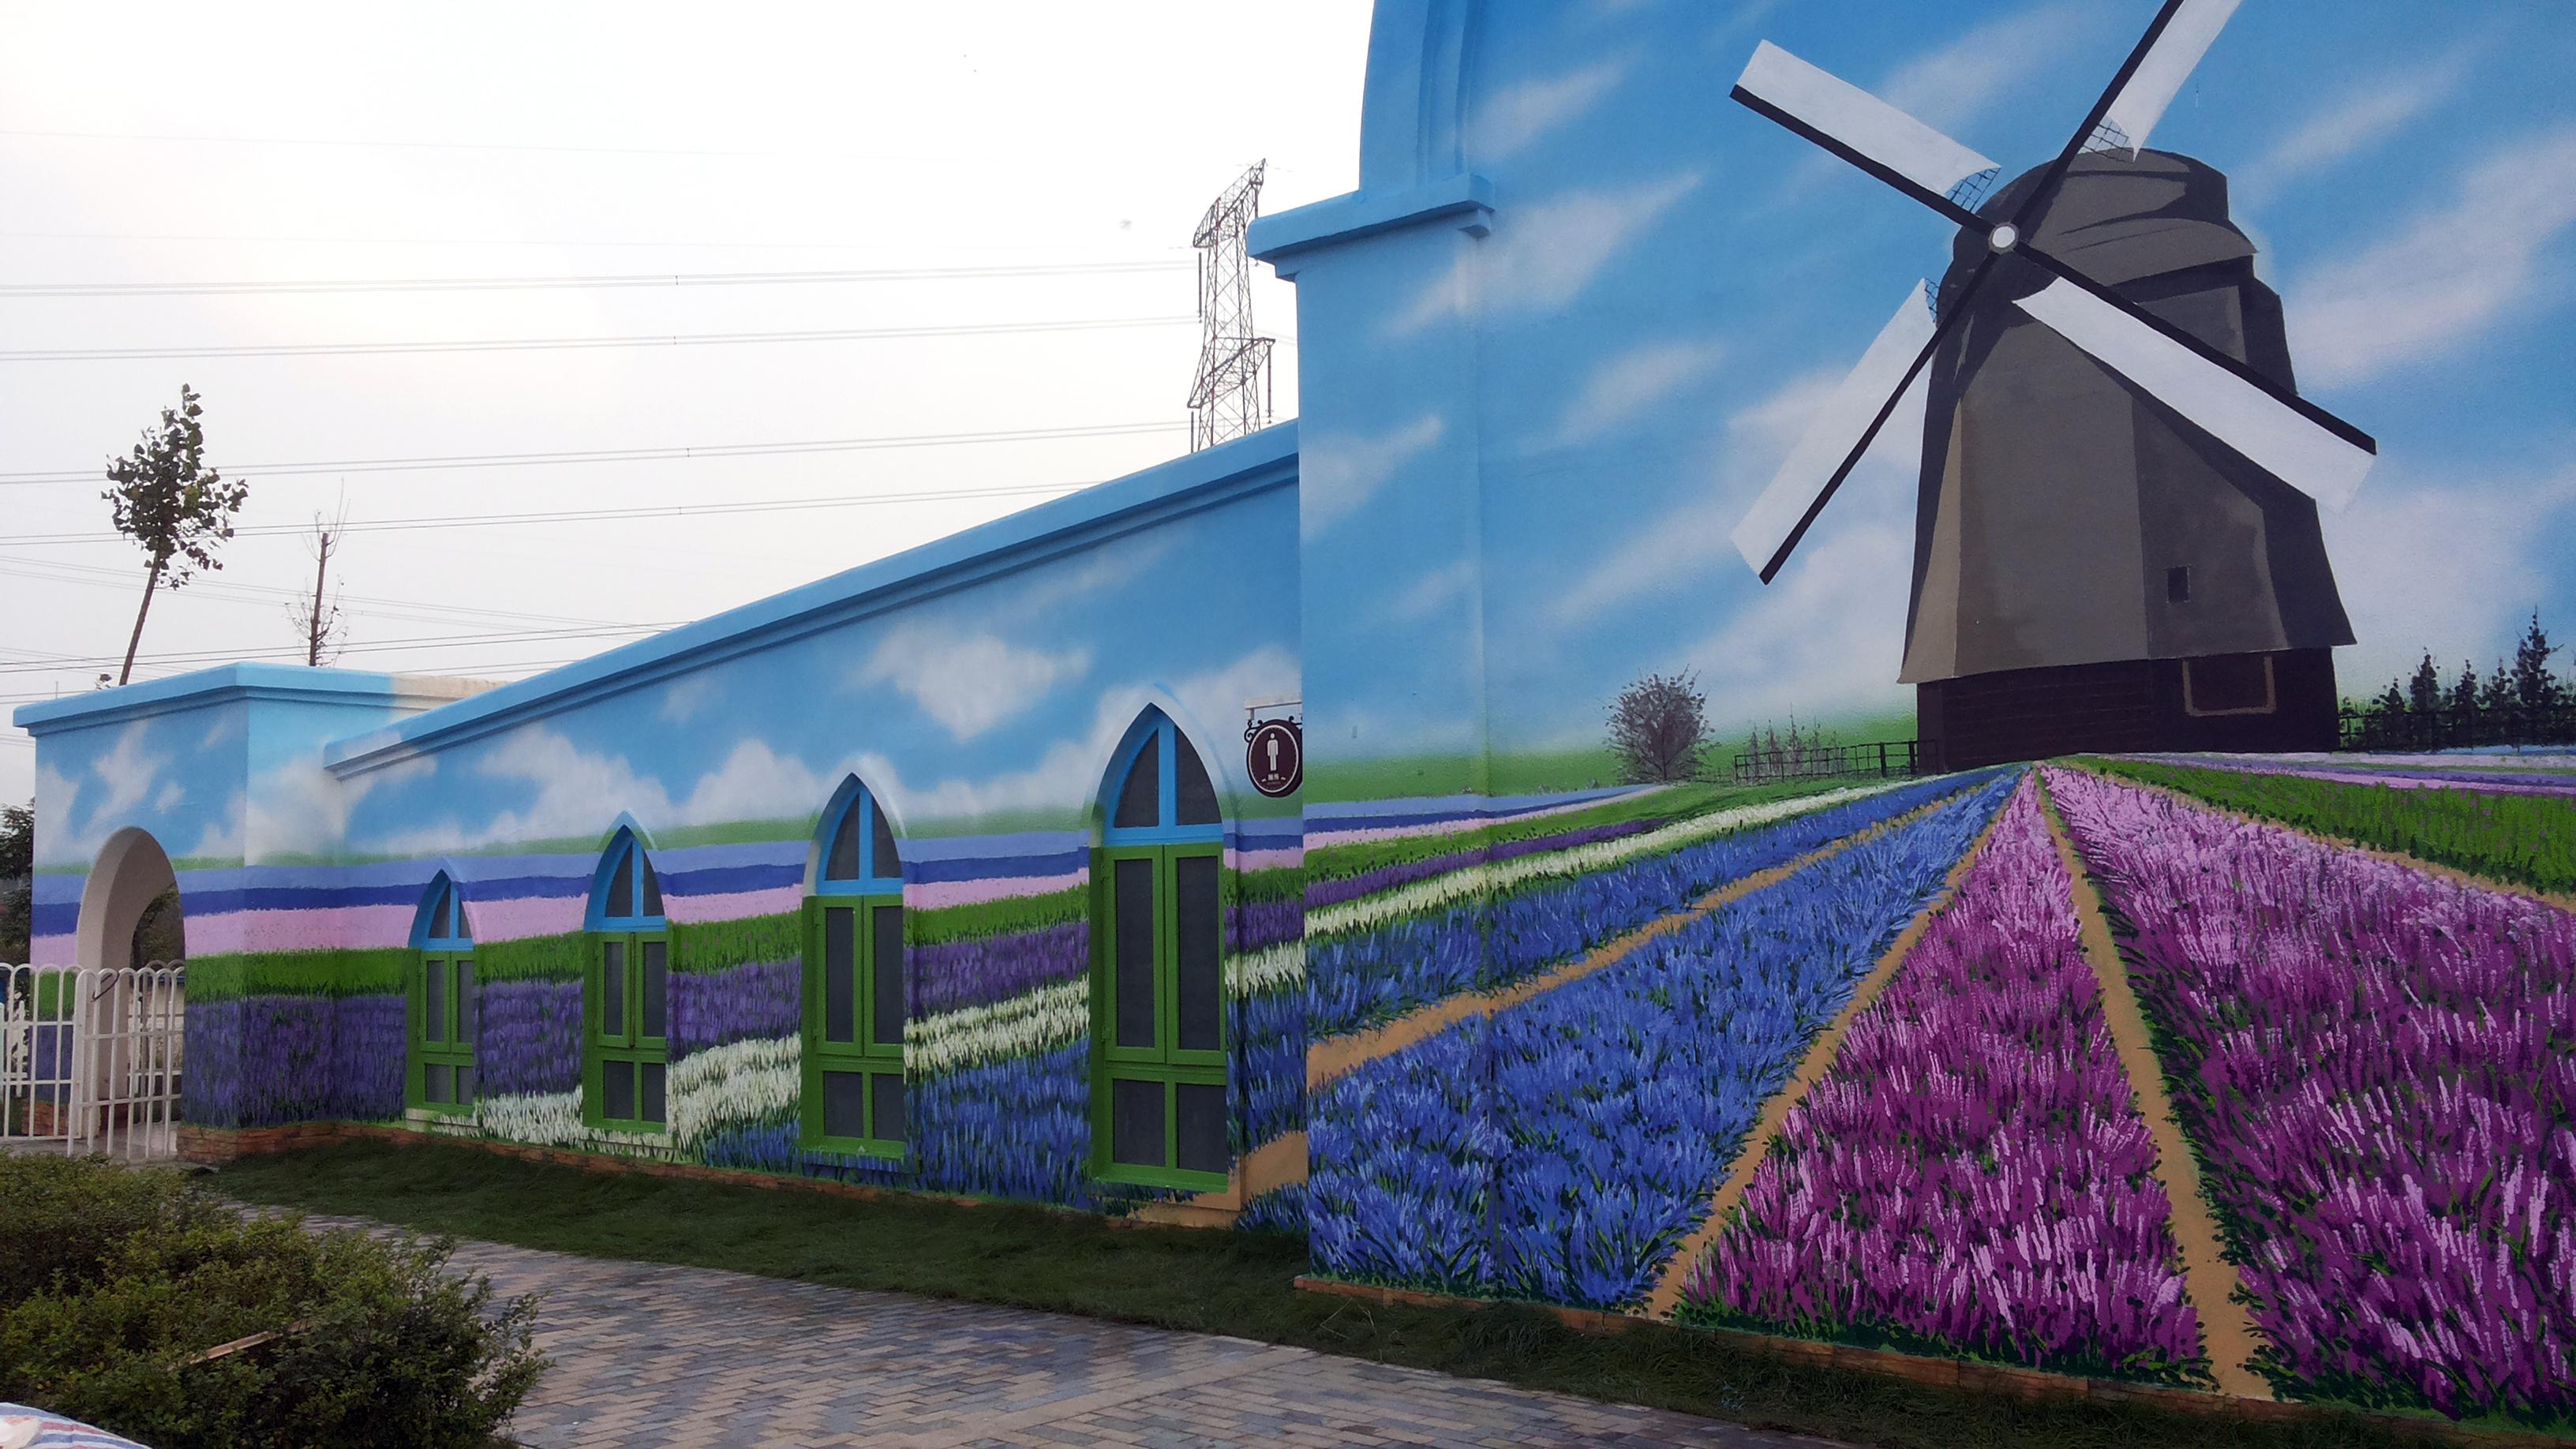 墙绘作品手绘墙 壁画 涂鸦